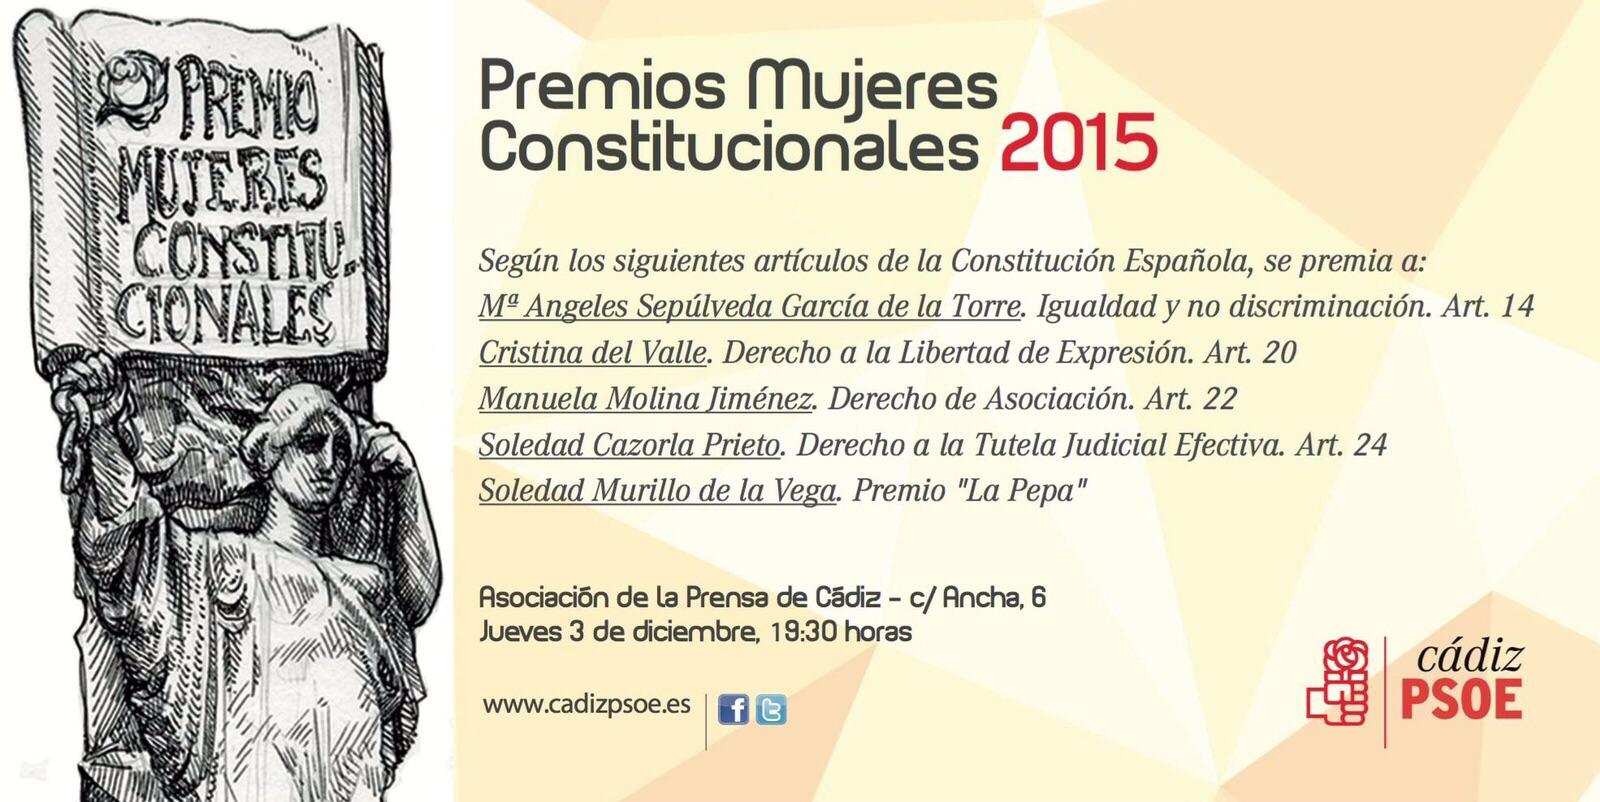 Invitación Premios Mujeres Constitucionales 2015